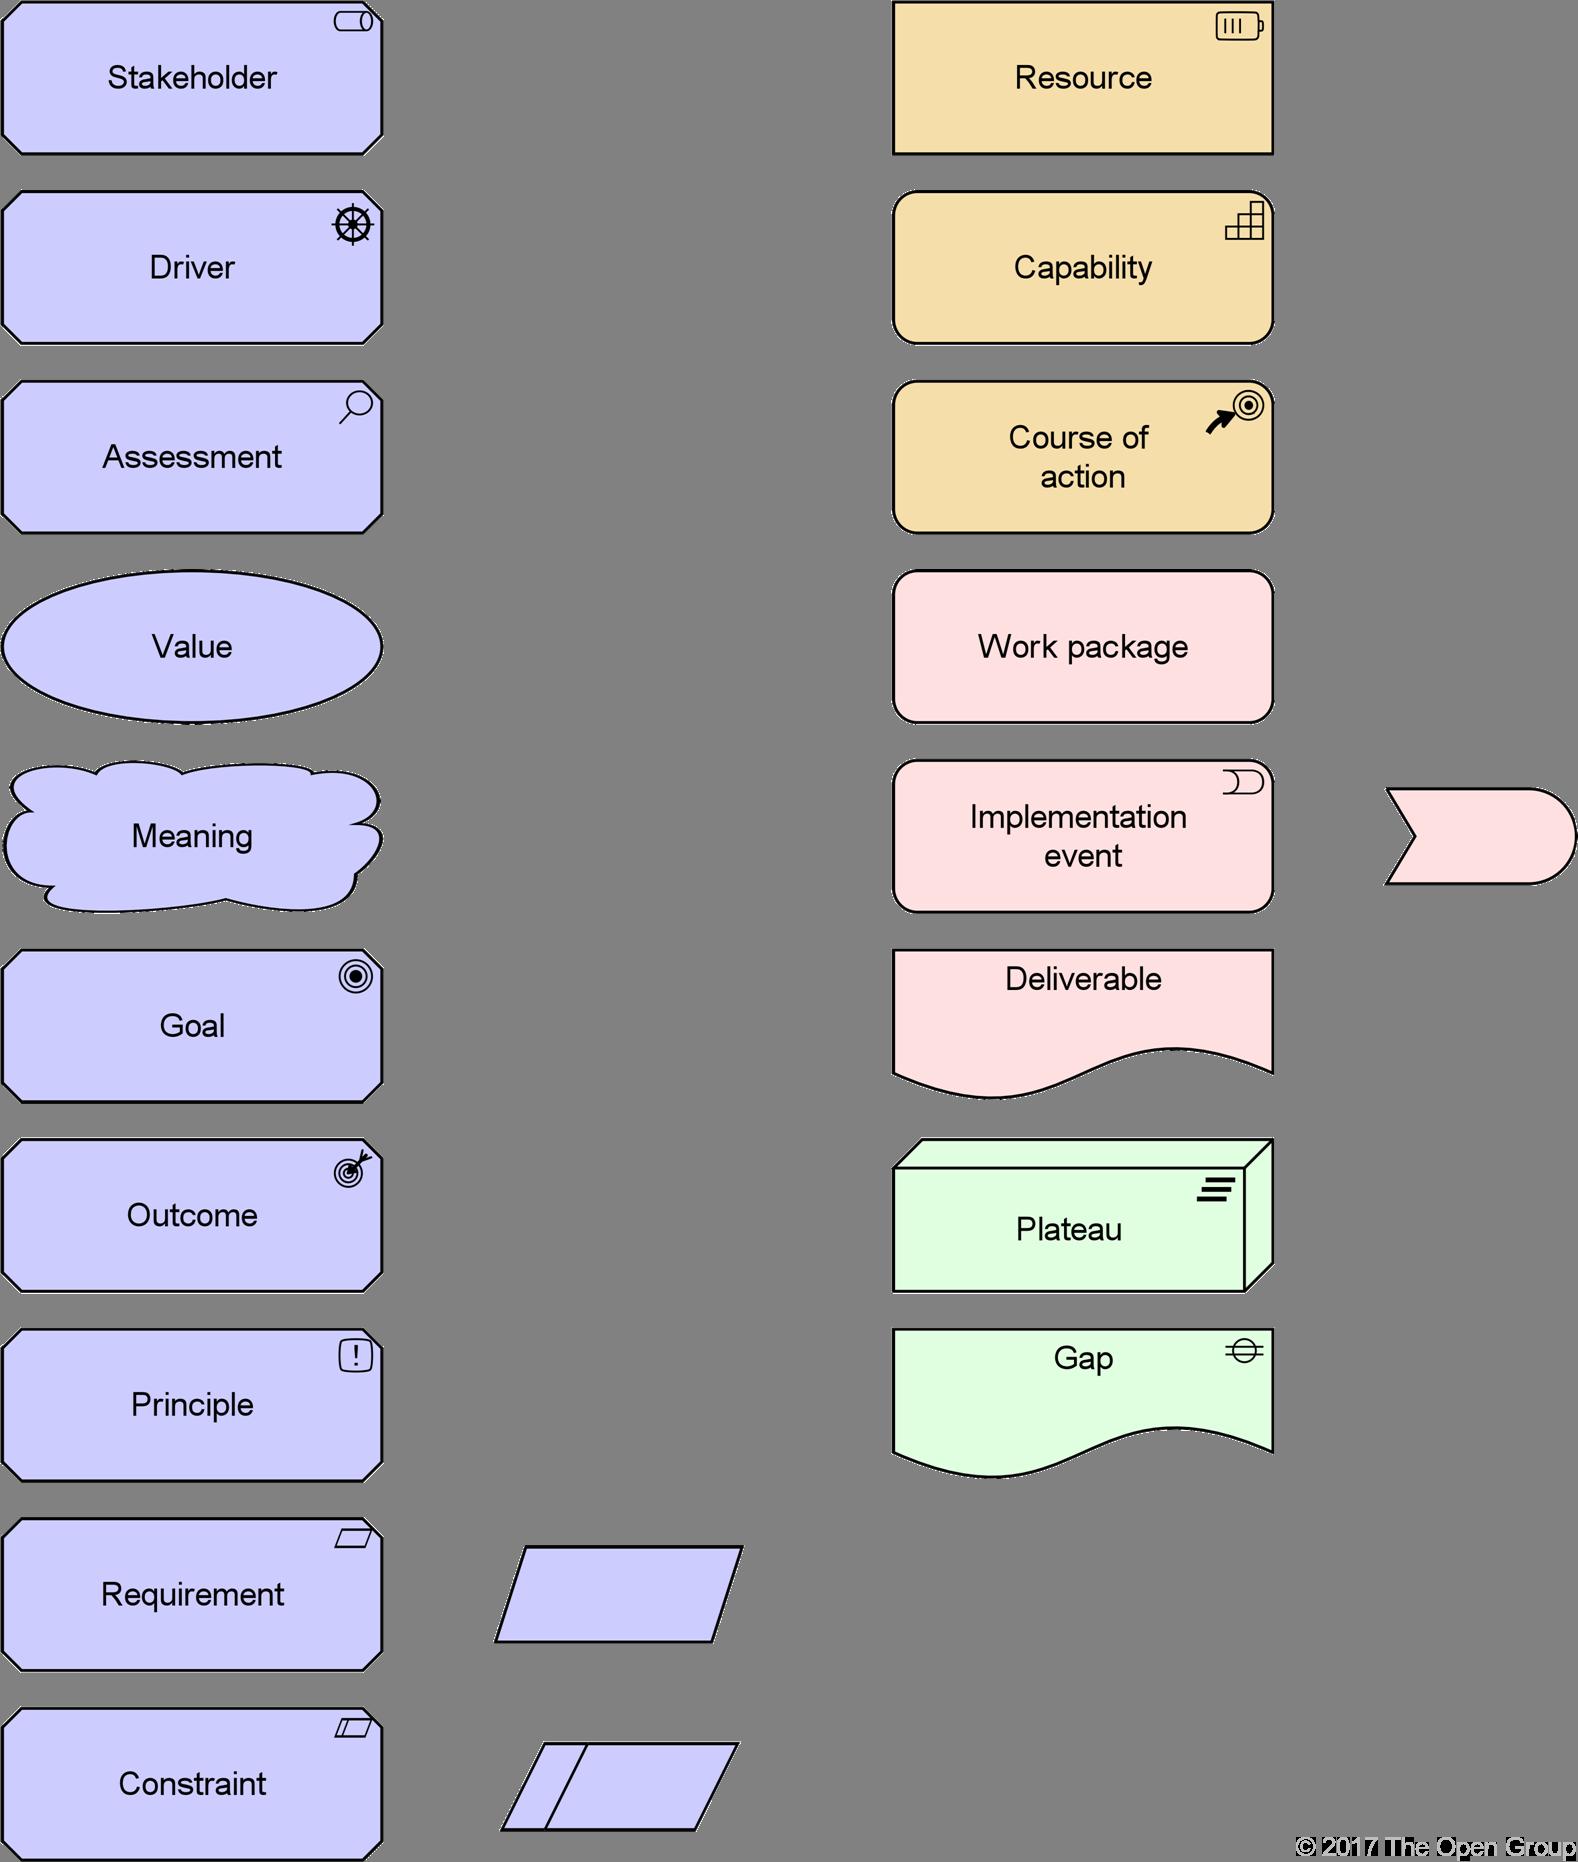 archimate-guide-des-elements-de-motivation-de-stratégie-de-mise-en-oeuvre-et-de-migration-2.png